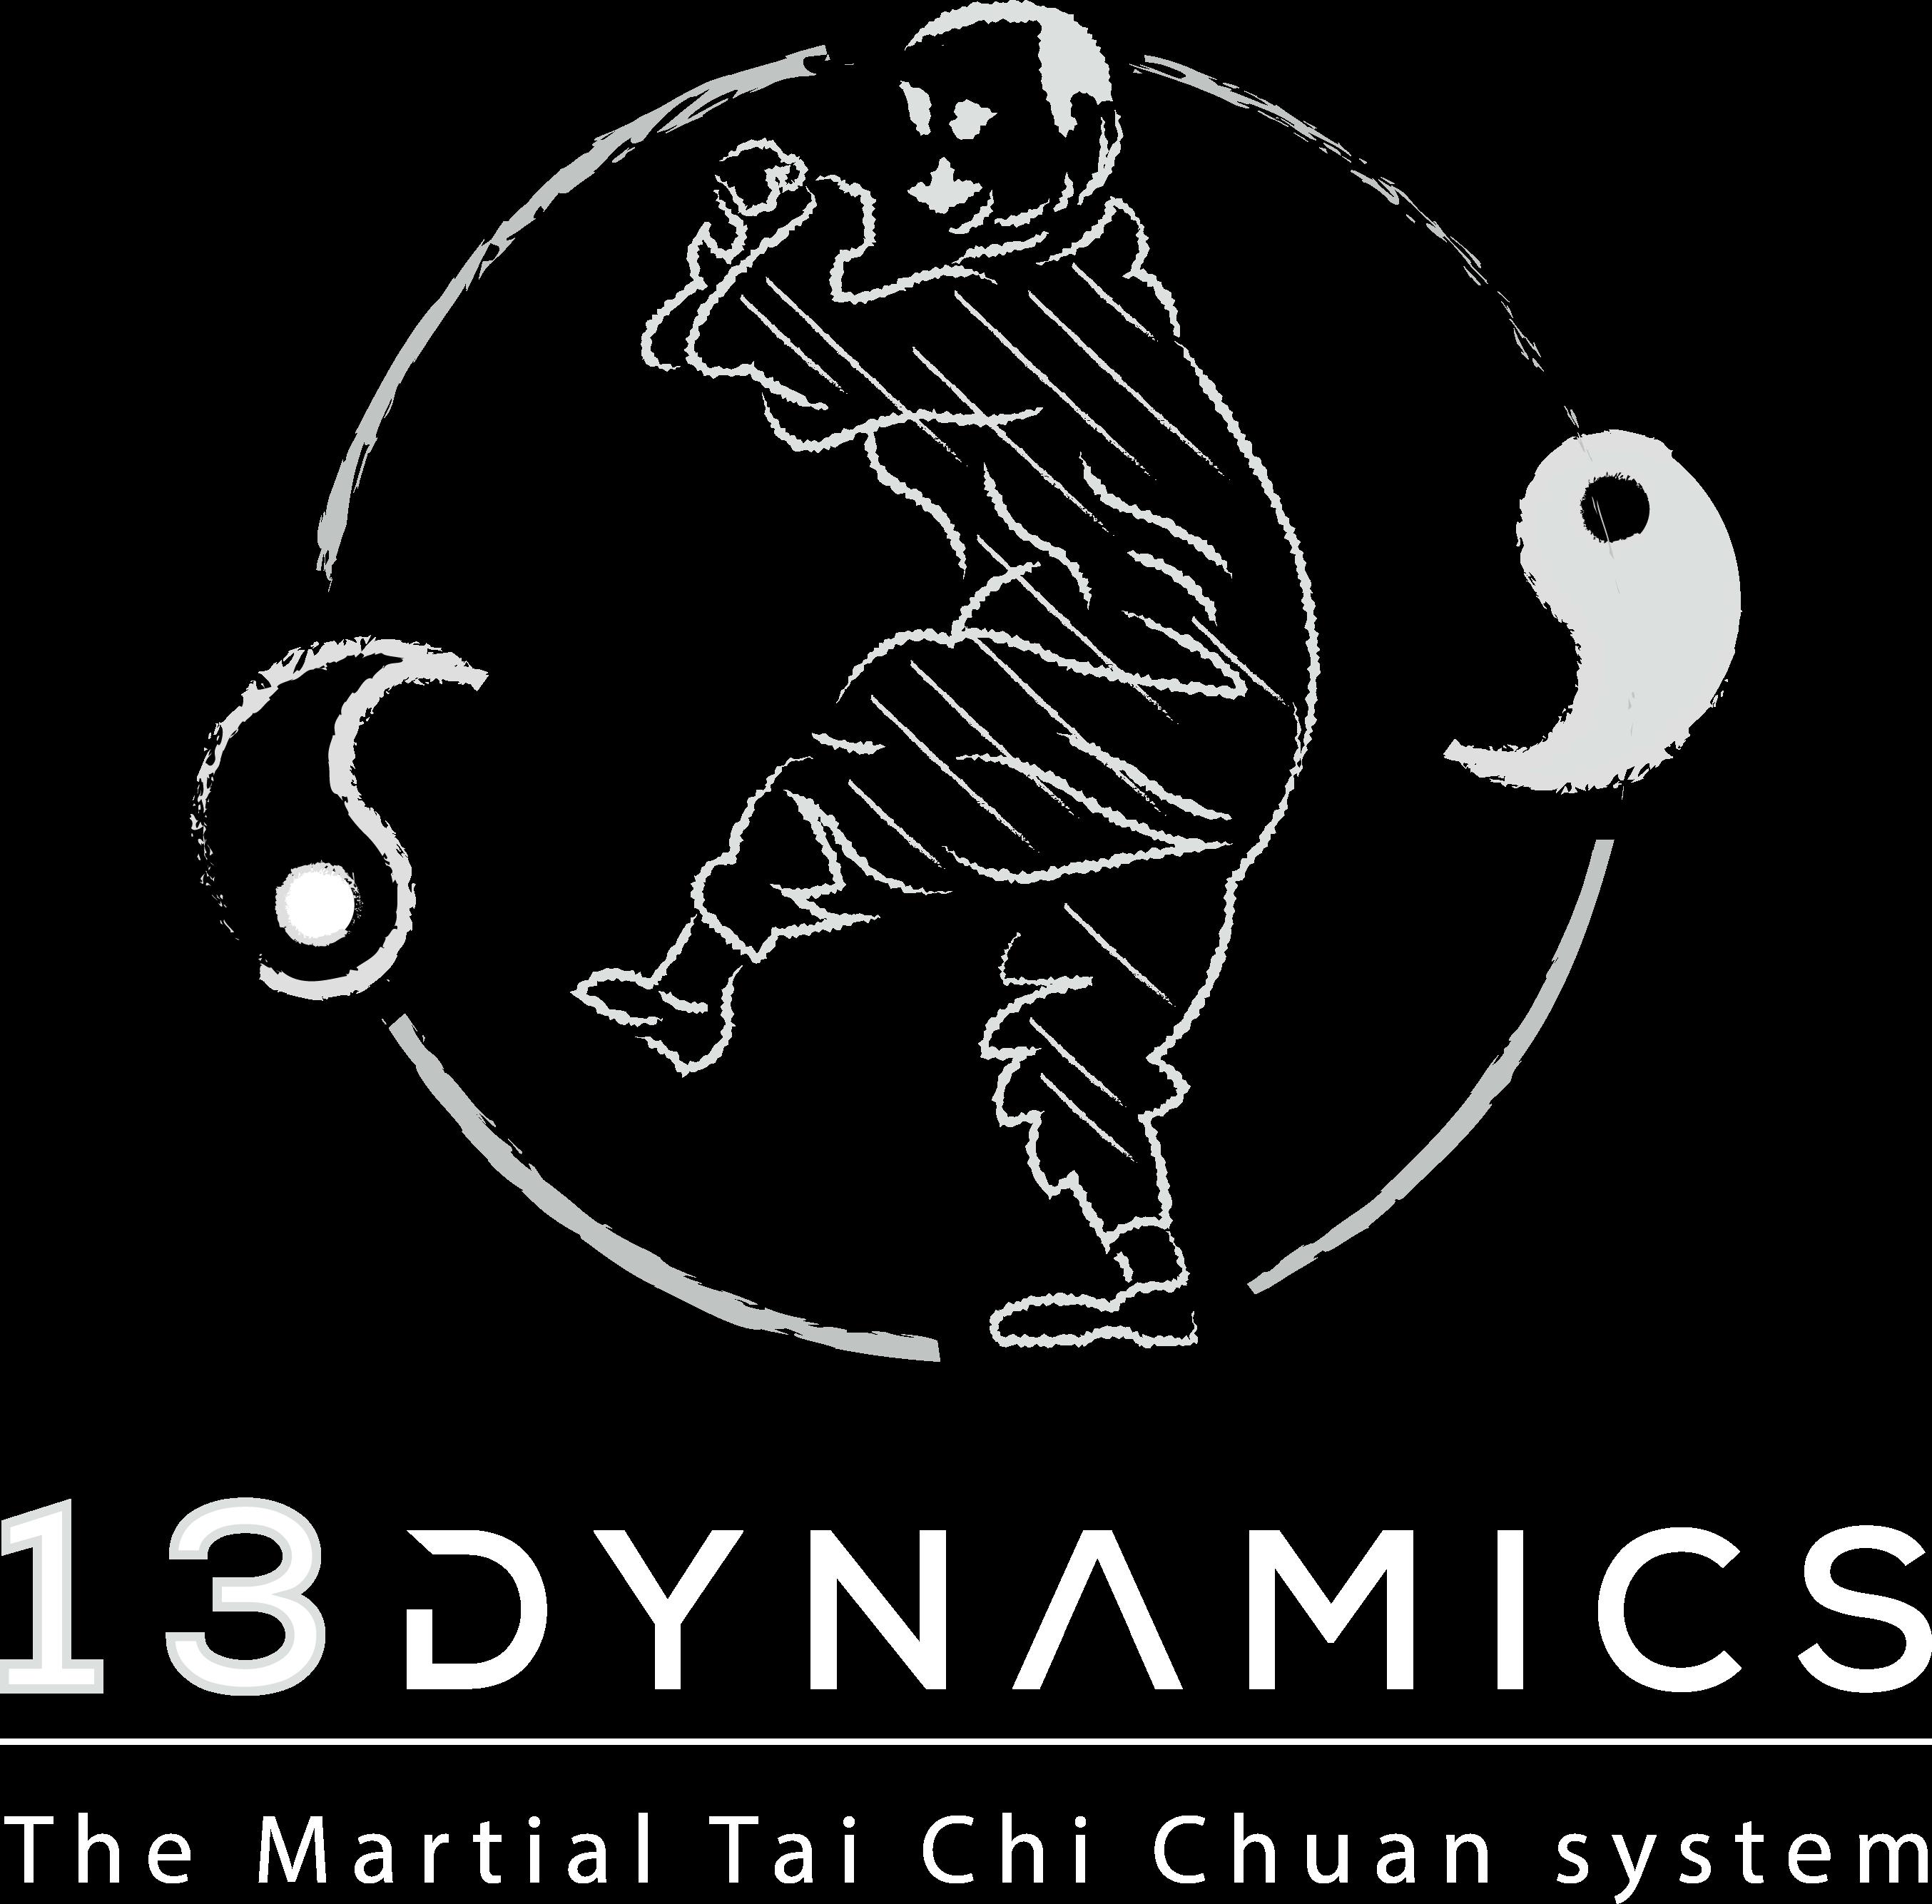 13 Dynamics